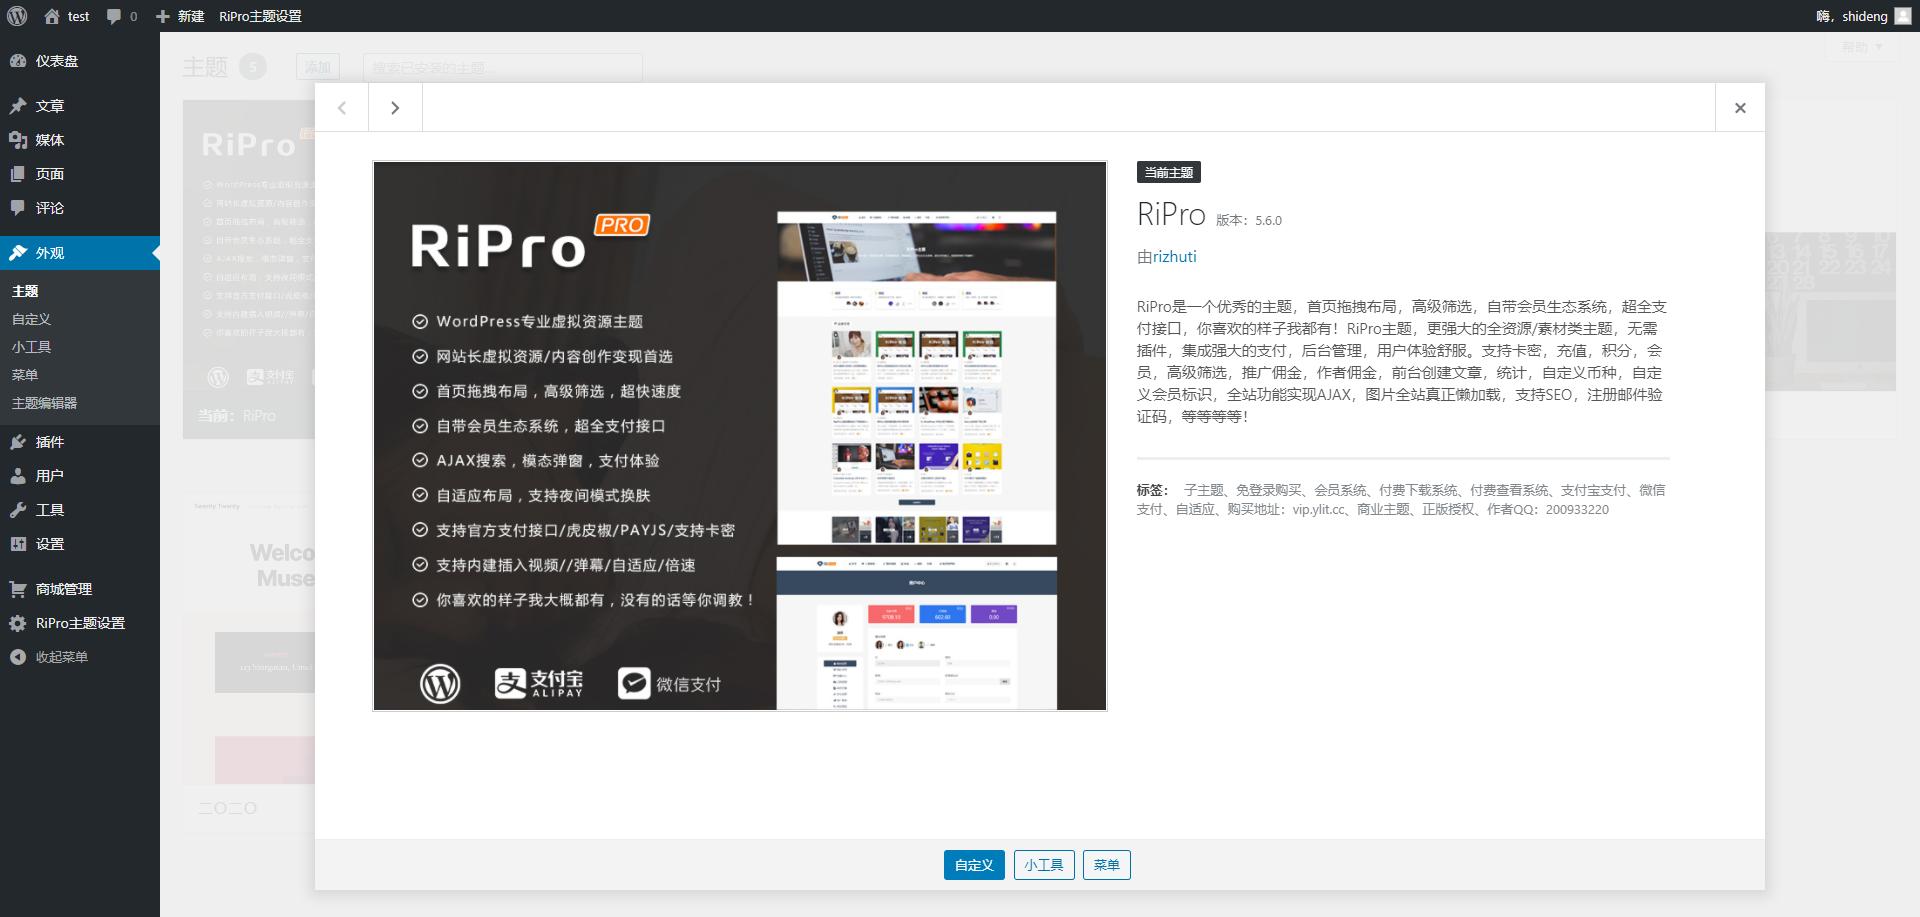 WordPress主题ripro5.6最新去授权无限制版免SG11[亲测授权直接保存]